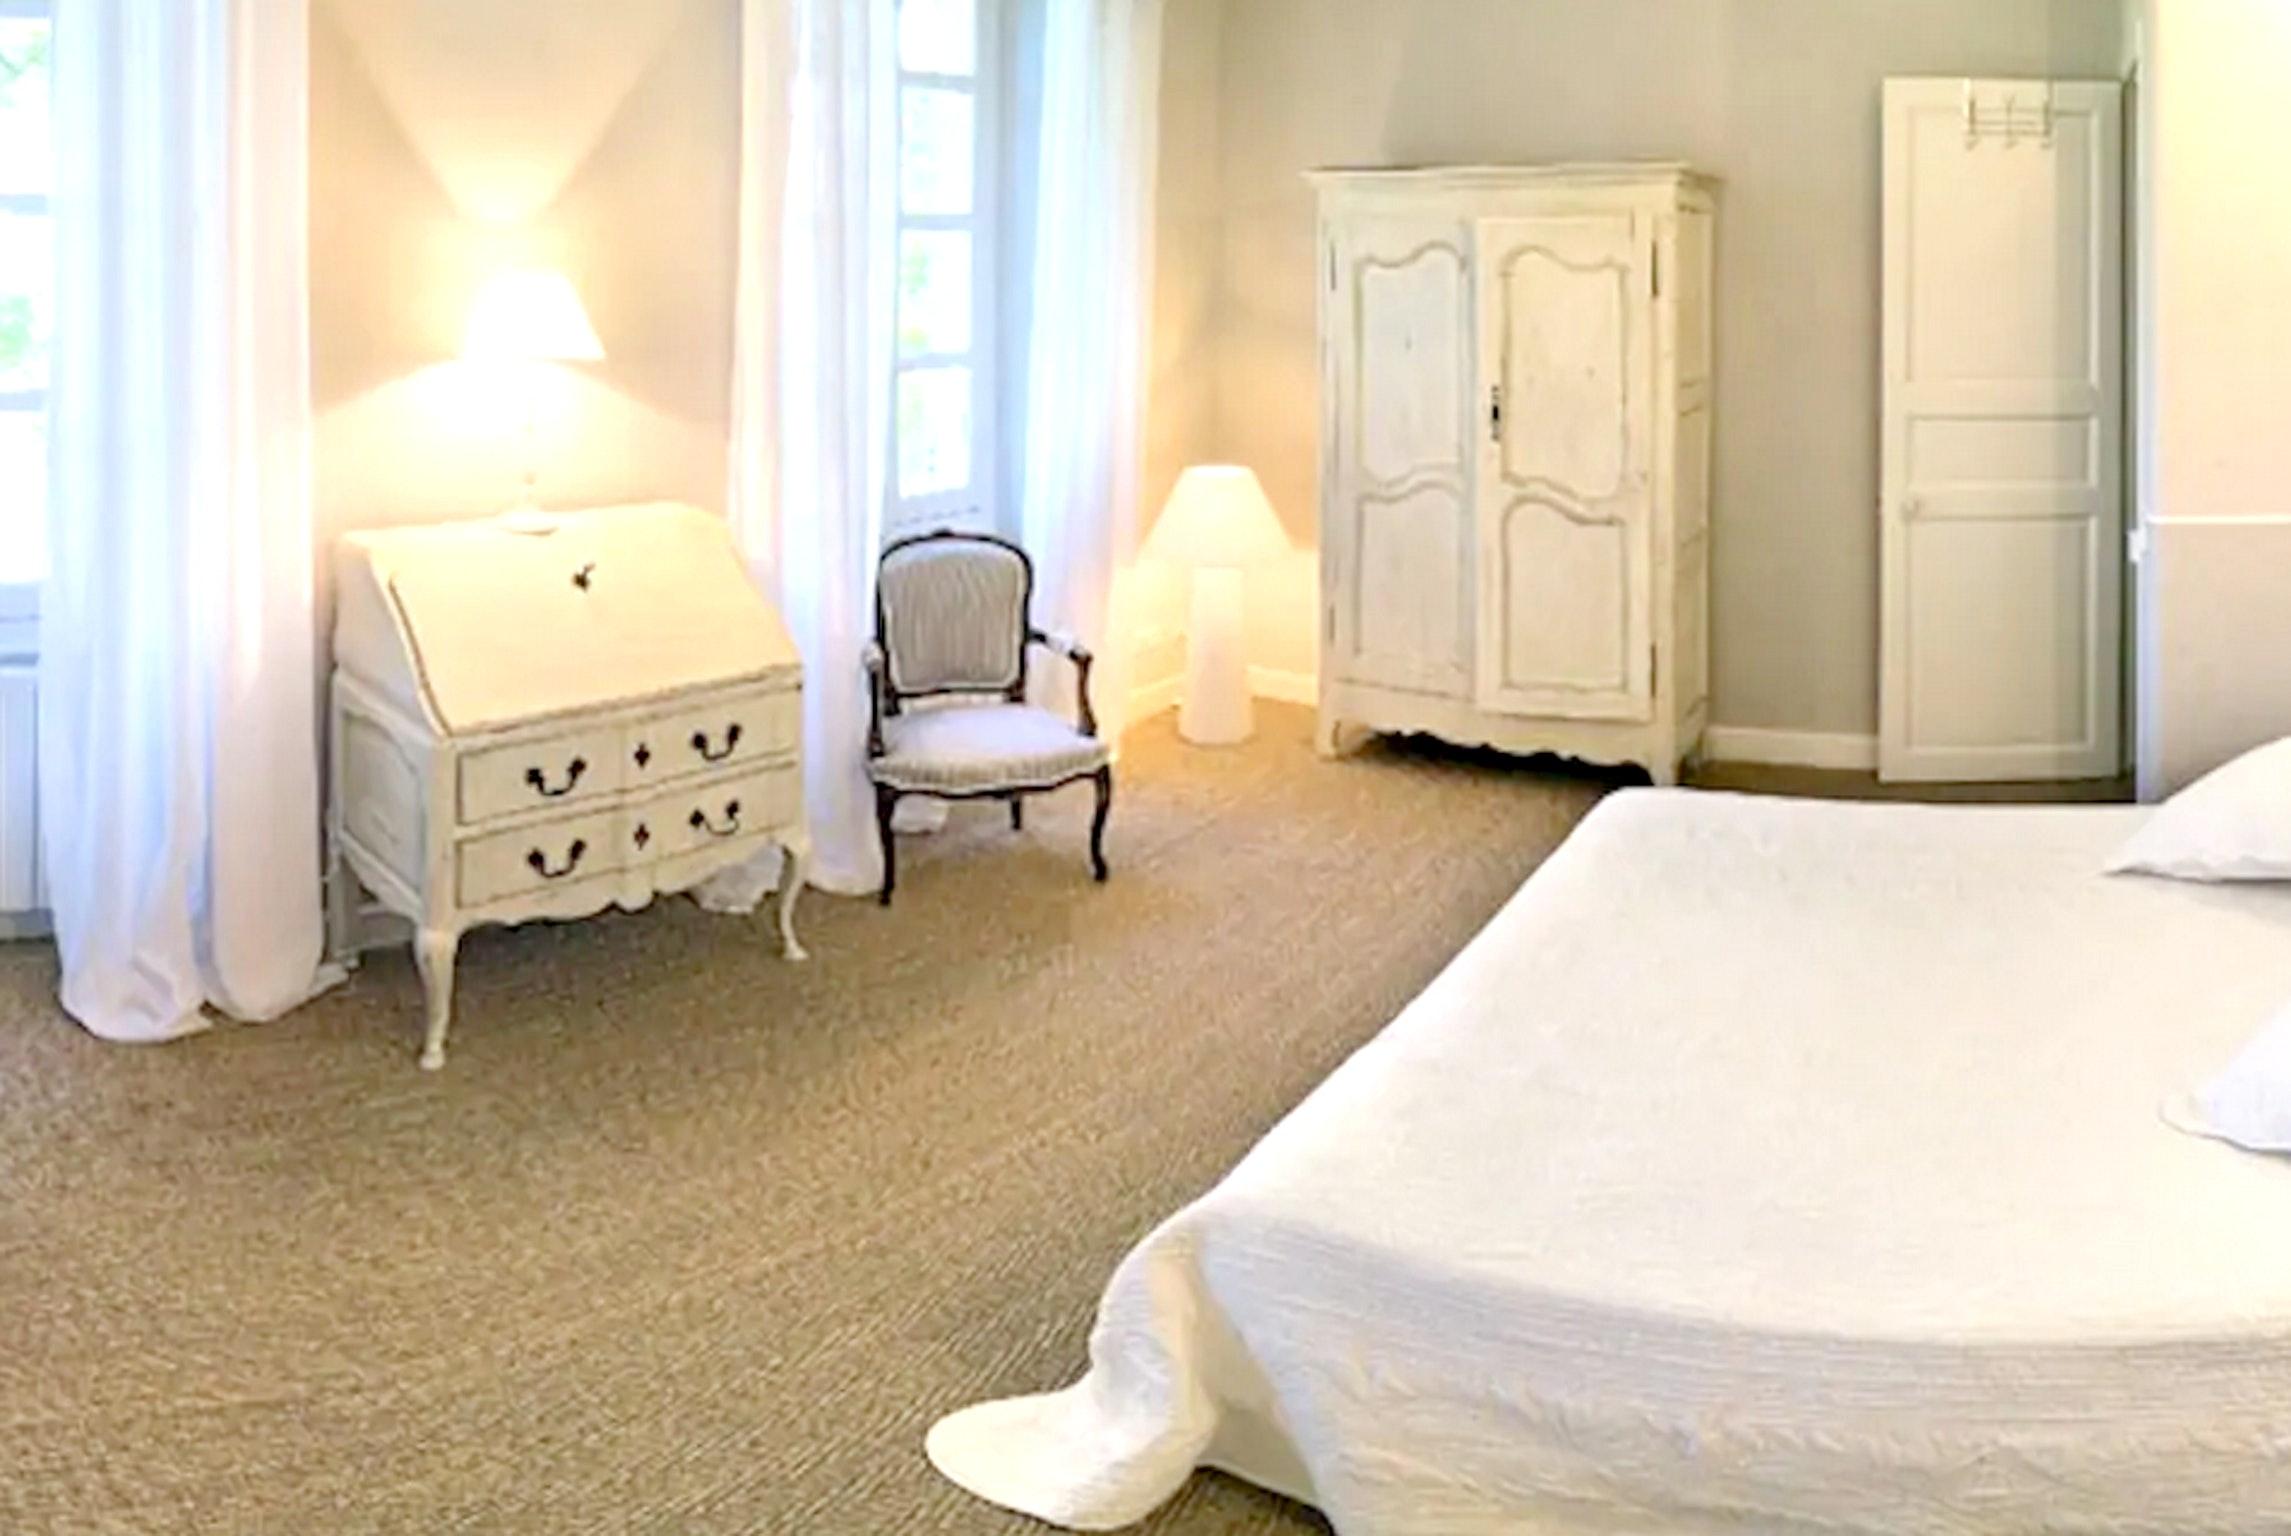 Maison de vacances Villa mit 6 Schlafzimmern in L'Isle-sur-la-Sorgue mit privatem Pool, möbliertem Garten und (2647203), L'Isle sur la Sorgue, Vaucluse, Provence - Alpes - Côte d'Azur, France, image 55